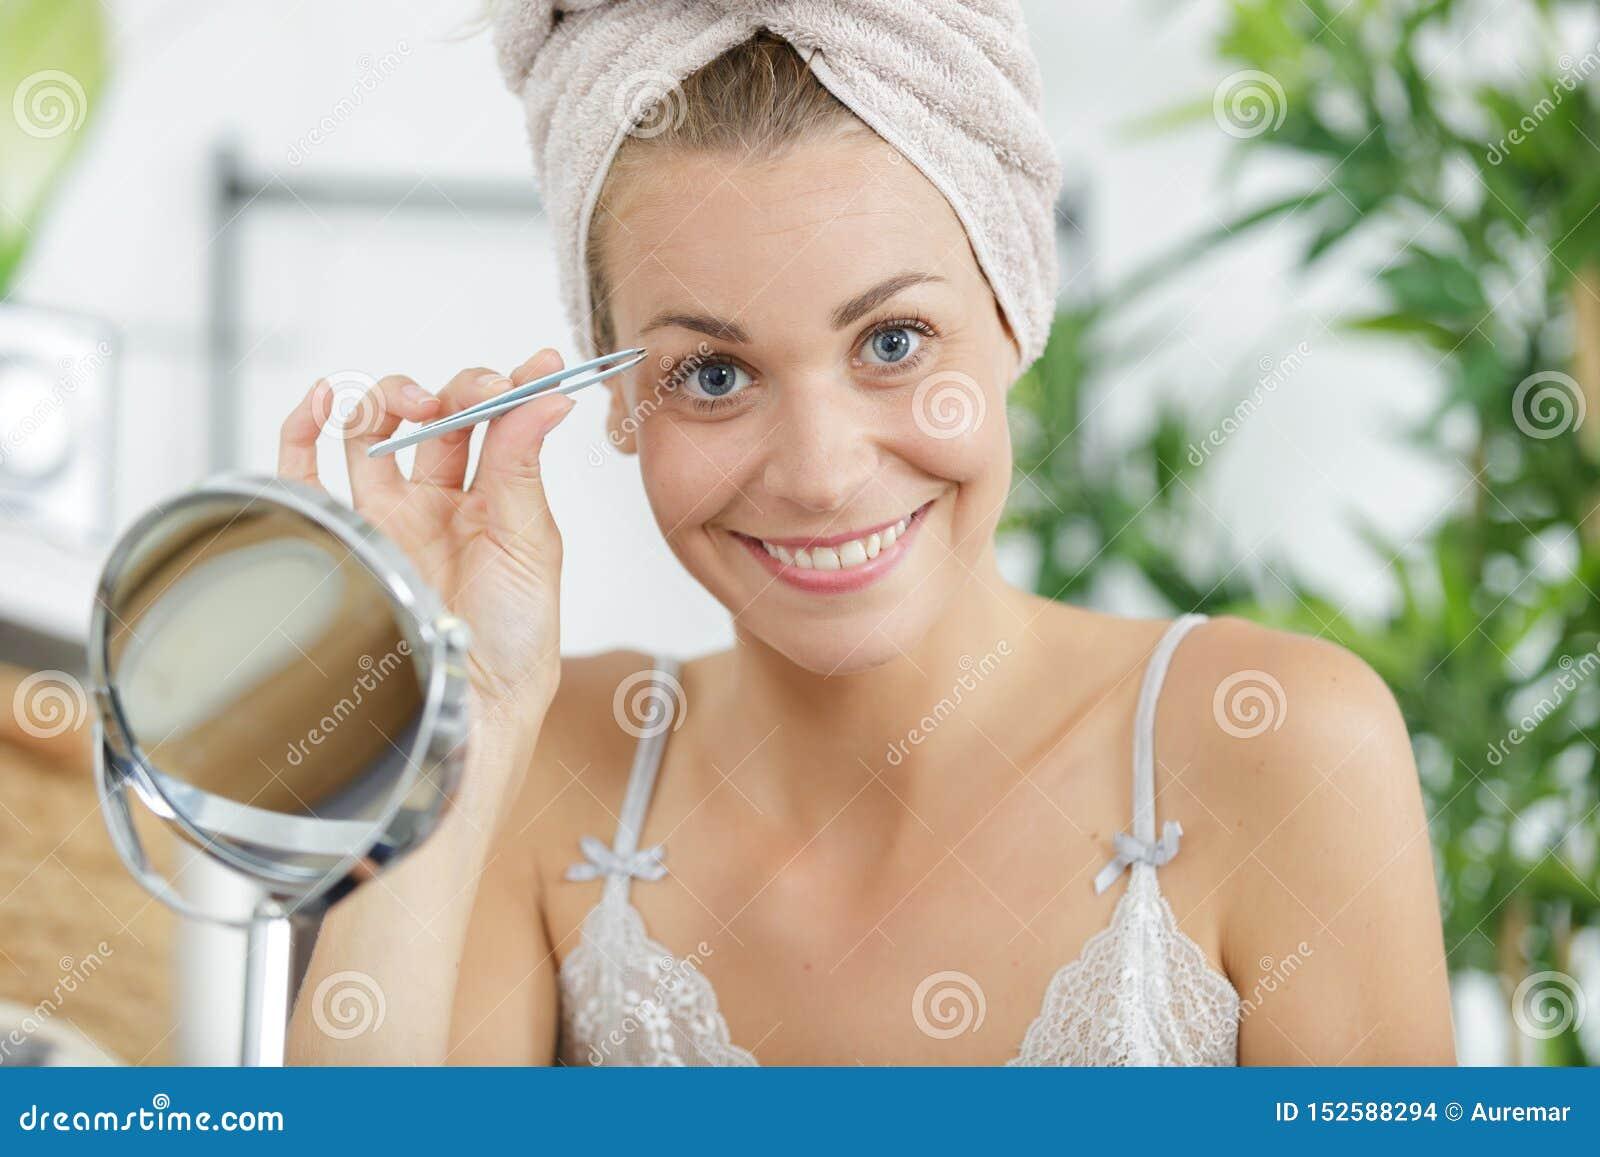 Frau, die Augenbrauen mit Pinzette zupft